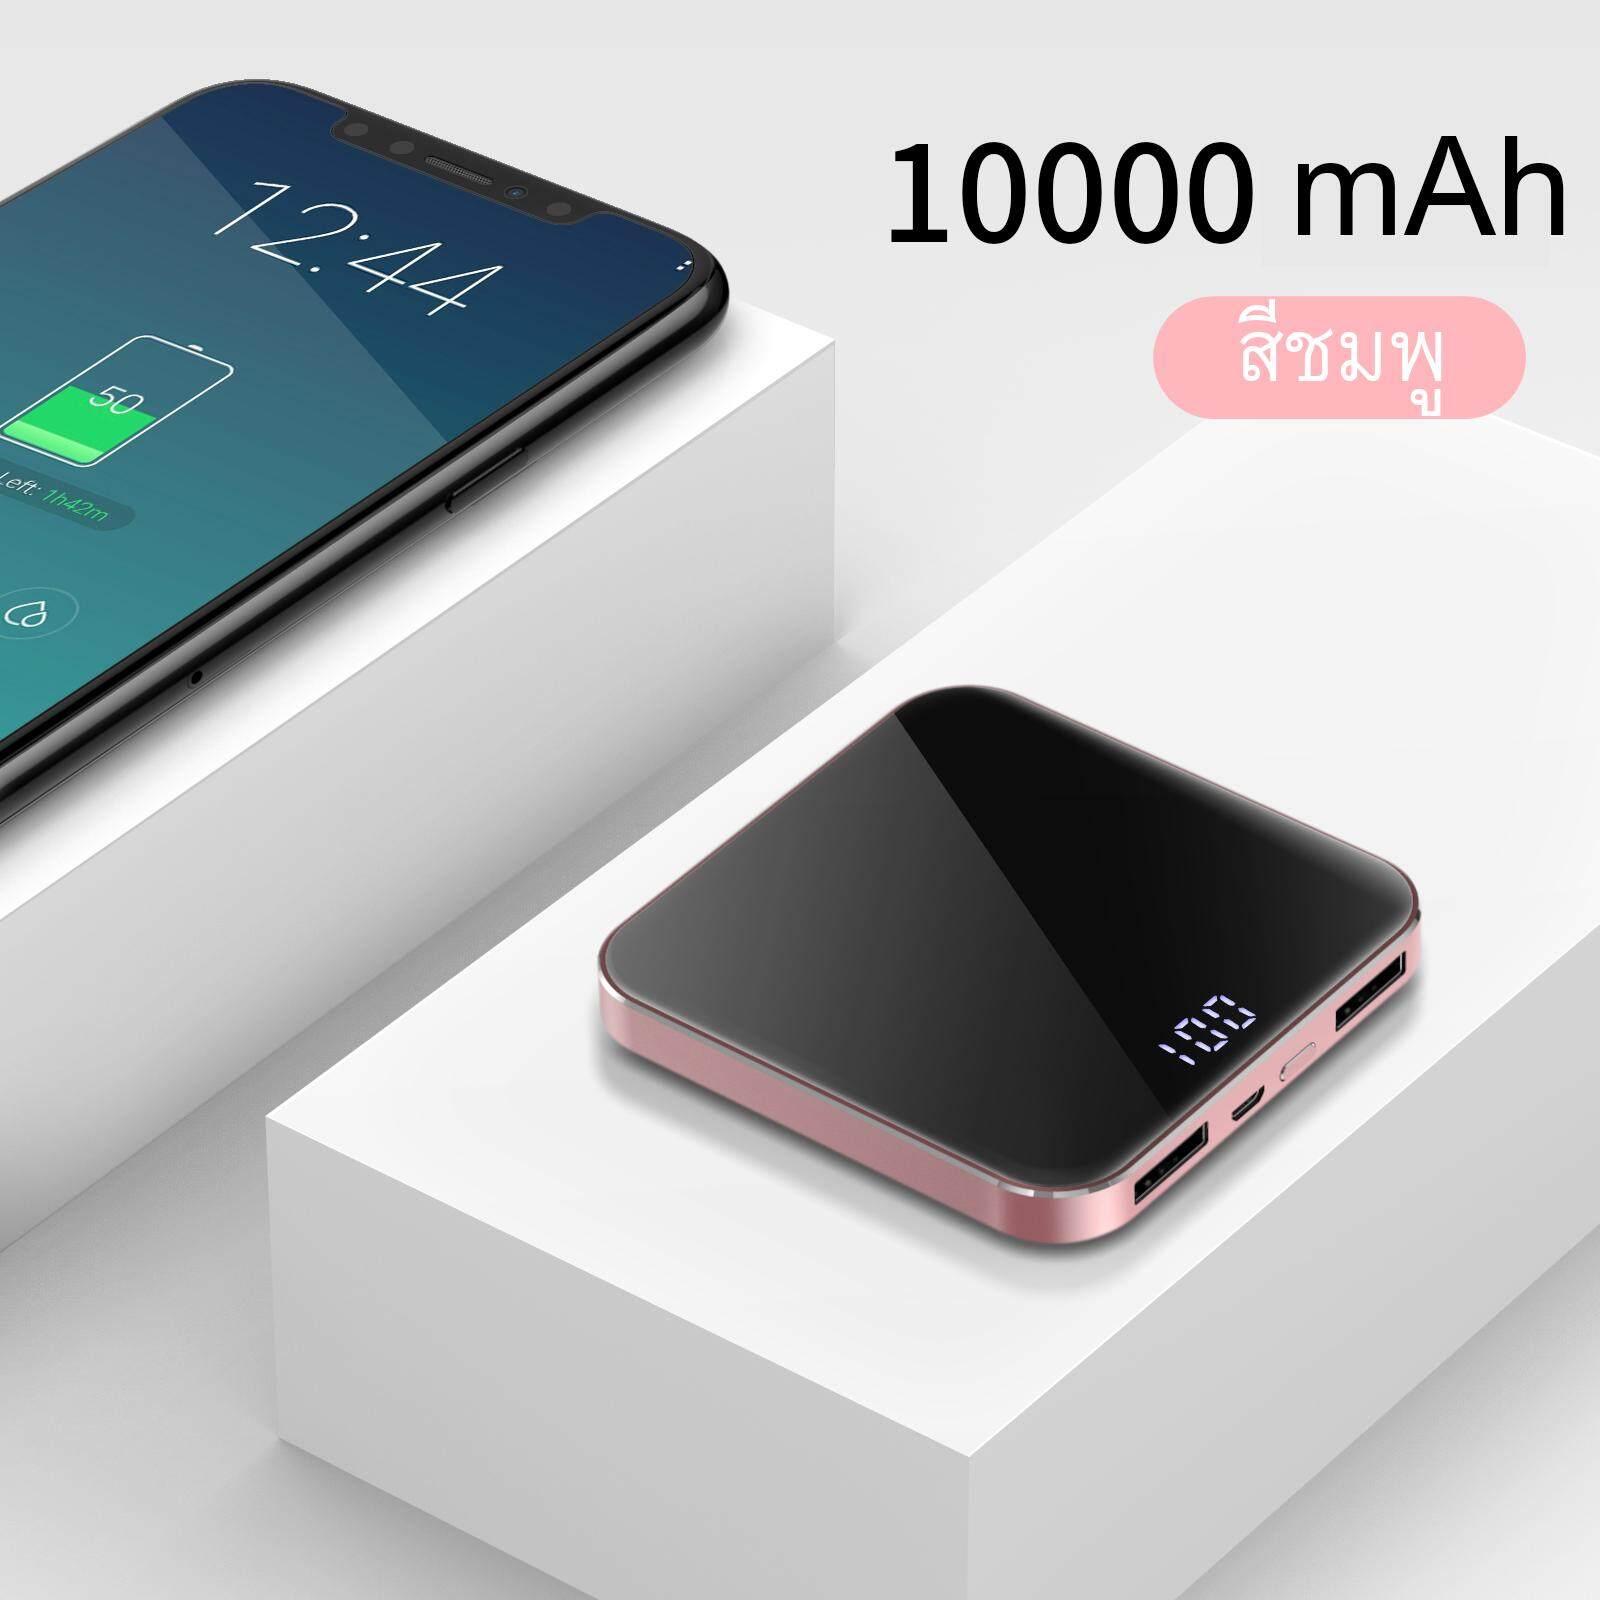 แบตสำรองมินิ รุ่นX5 Power Bank ความจุ10000 mah (ไม่มีสายในตัว มี2ช่อง OUTPUT)ขนาดเล็กบางเบา ใช้ได้กับโทรศัพท์เสียวมี่ วีโว่ หัวเหว่ย ออปโป้ วัตถุประสงค์ทั่วไปใช้ง่ายพกพาสะดวกพกขึ้นเครื่องได้ รับประกัน 1 ปี ( พาวเวอร์แบงค์ แบตเตอรี่สำรอง  )